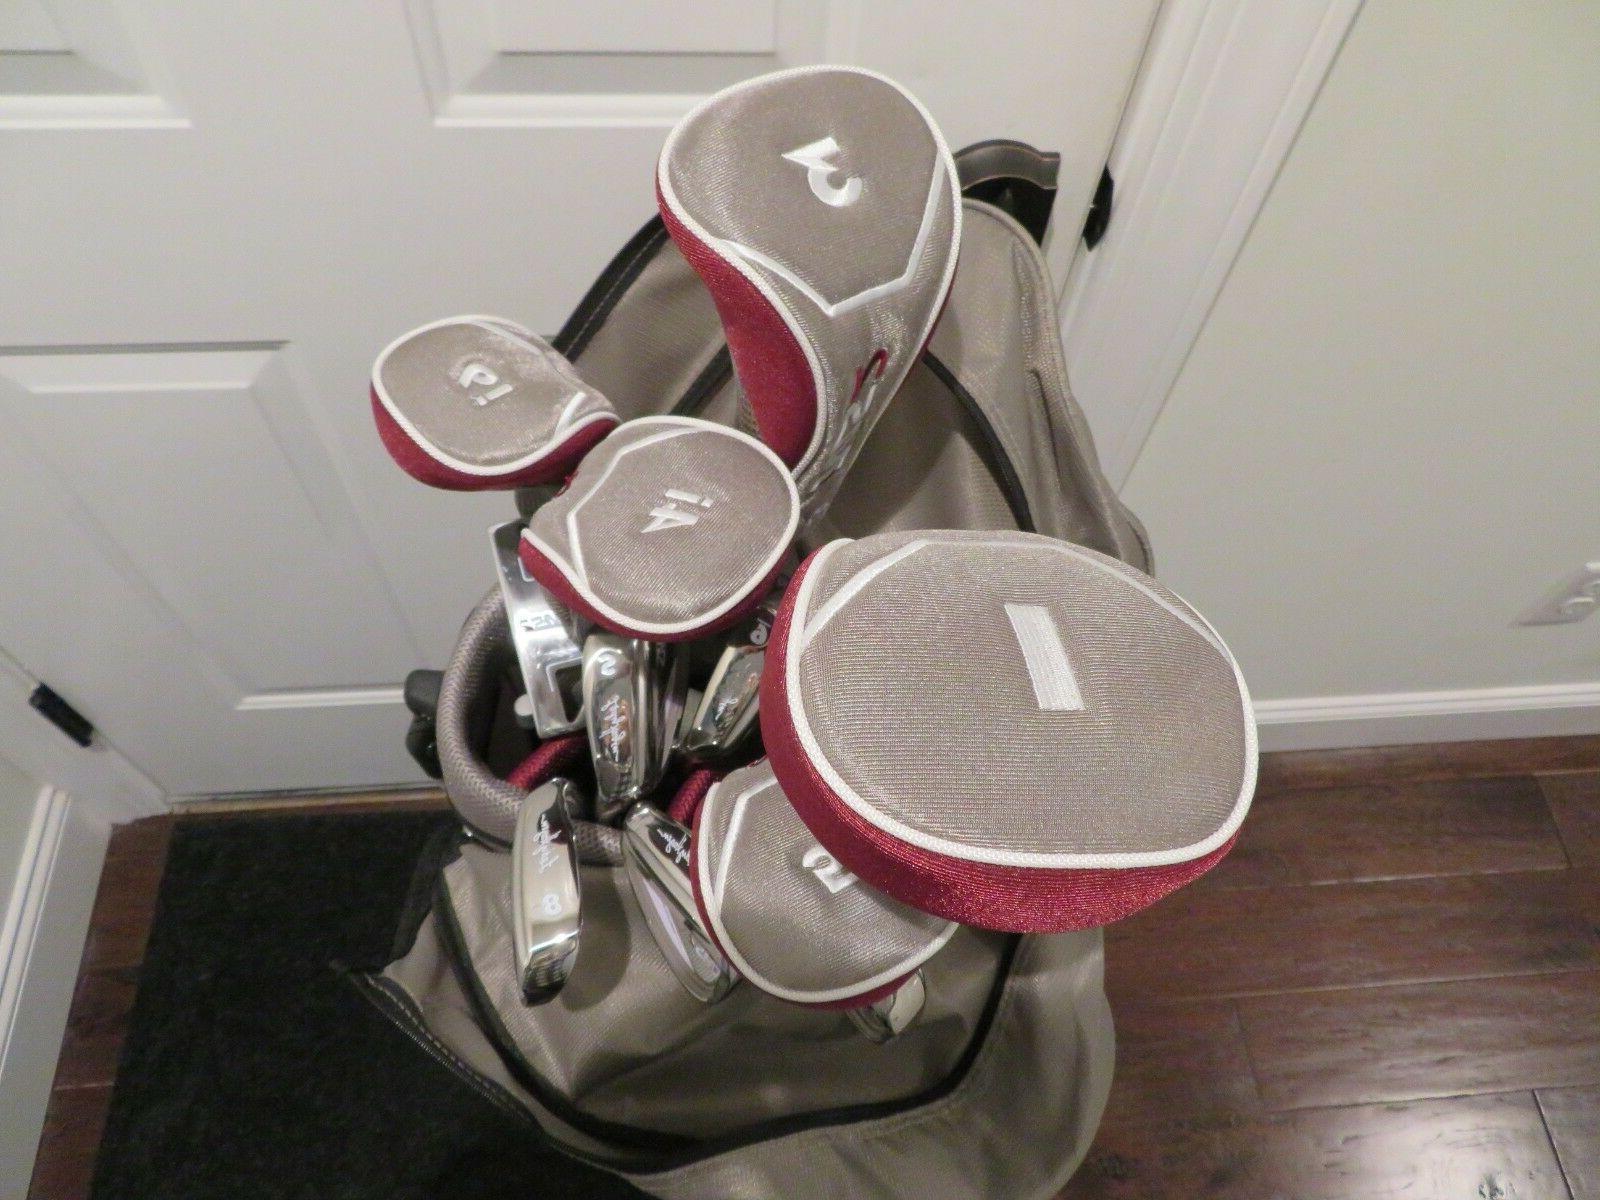 Womens Lady Golf Set New Bag